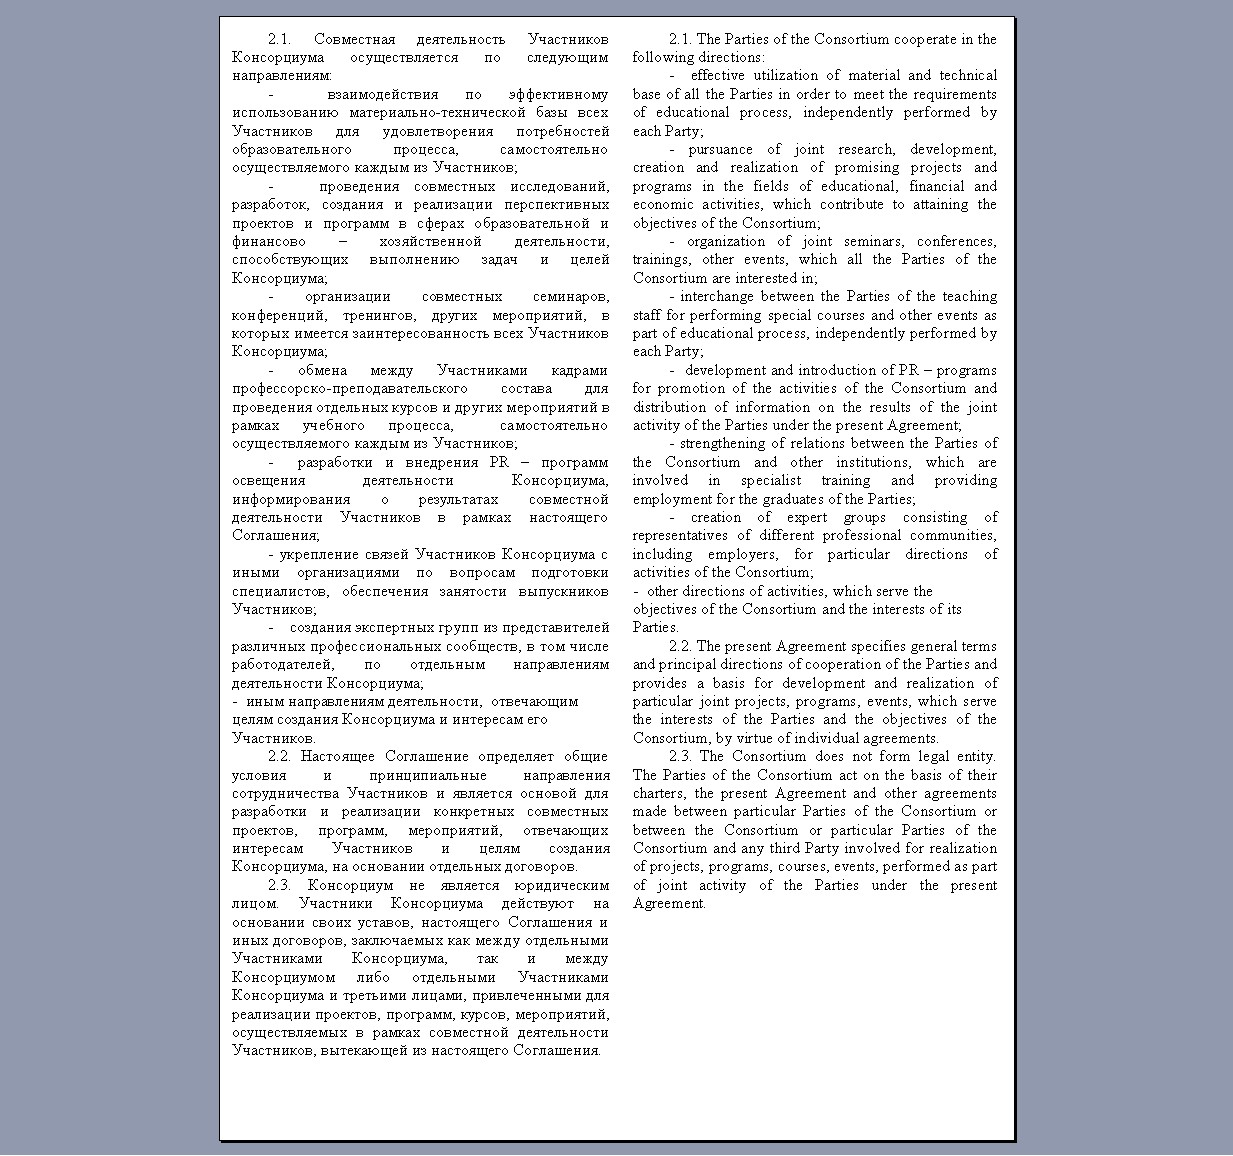 Договор о создании консорциума